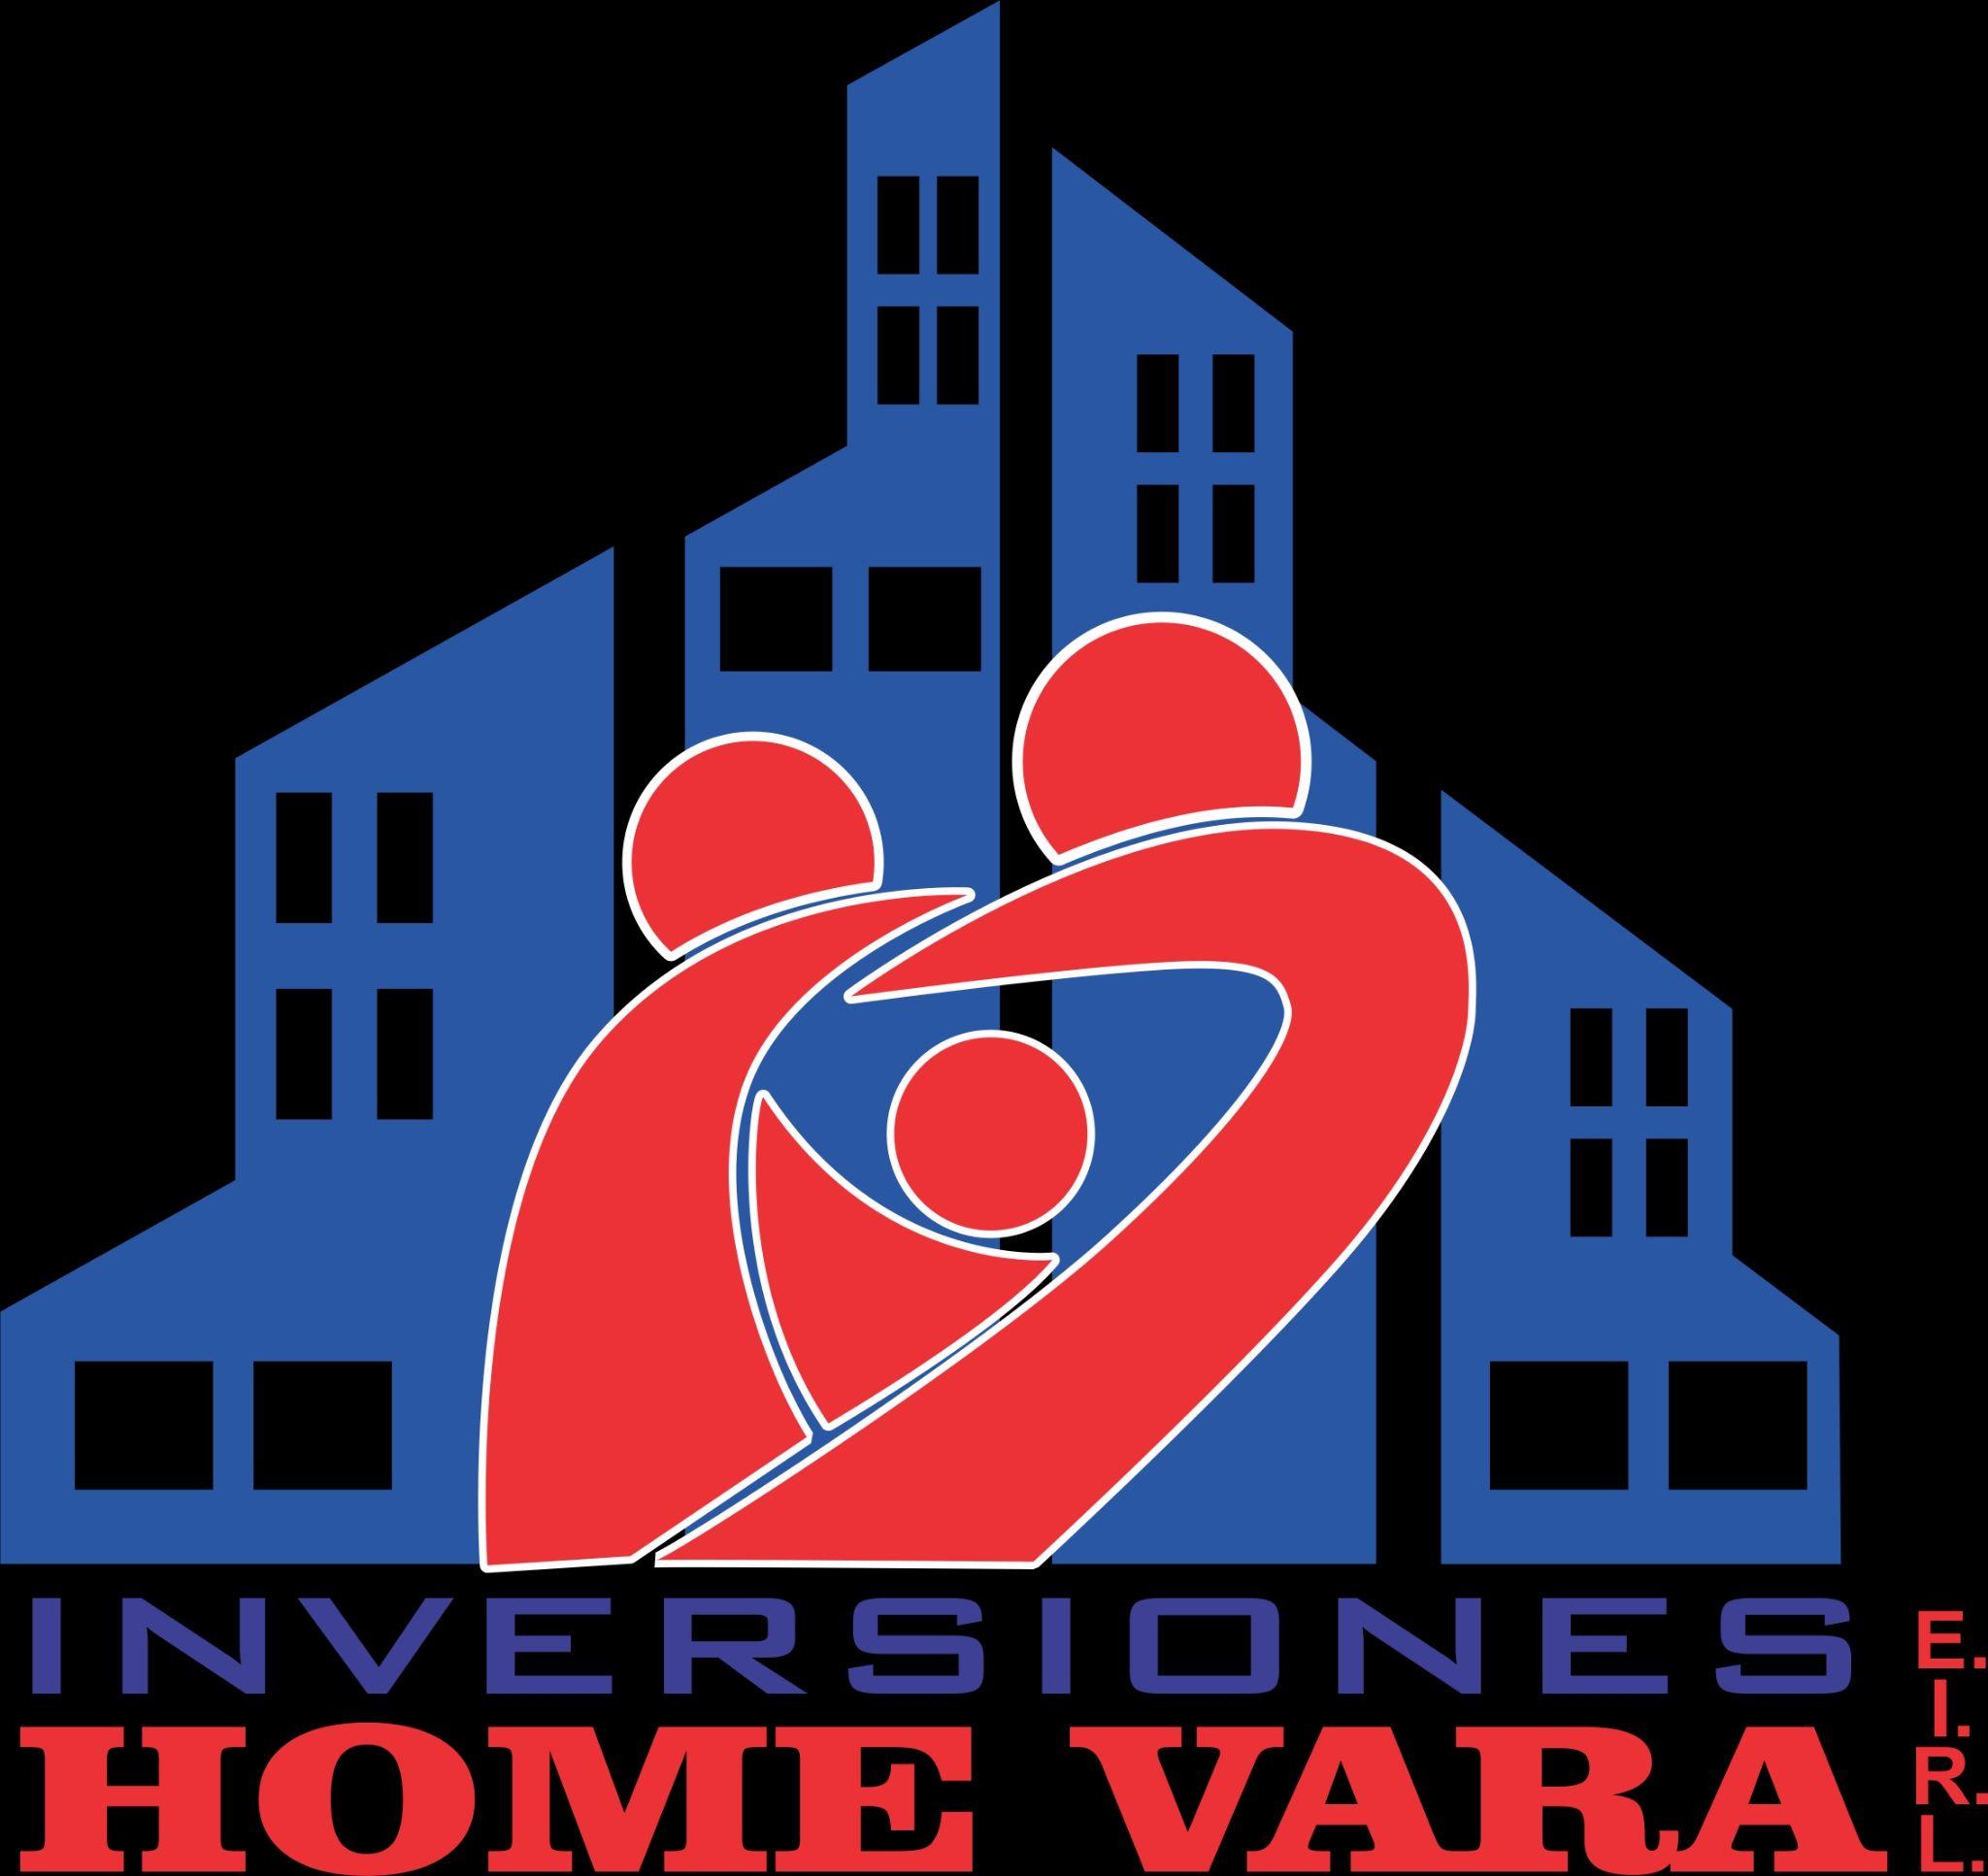 https://www.facebook.com/Inmobiliaria-Home-Vara-Registro-Inmobiliario-0521-1489747521264146/